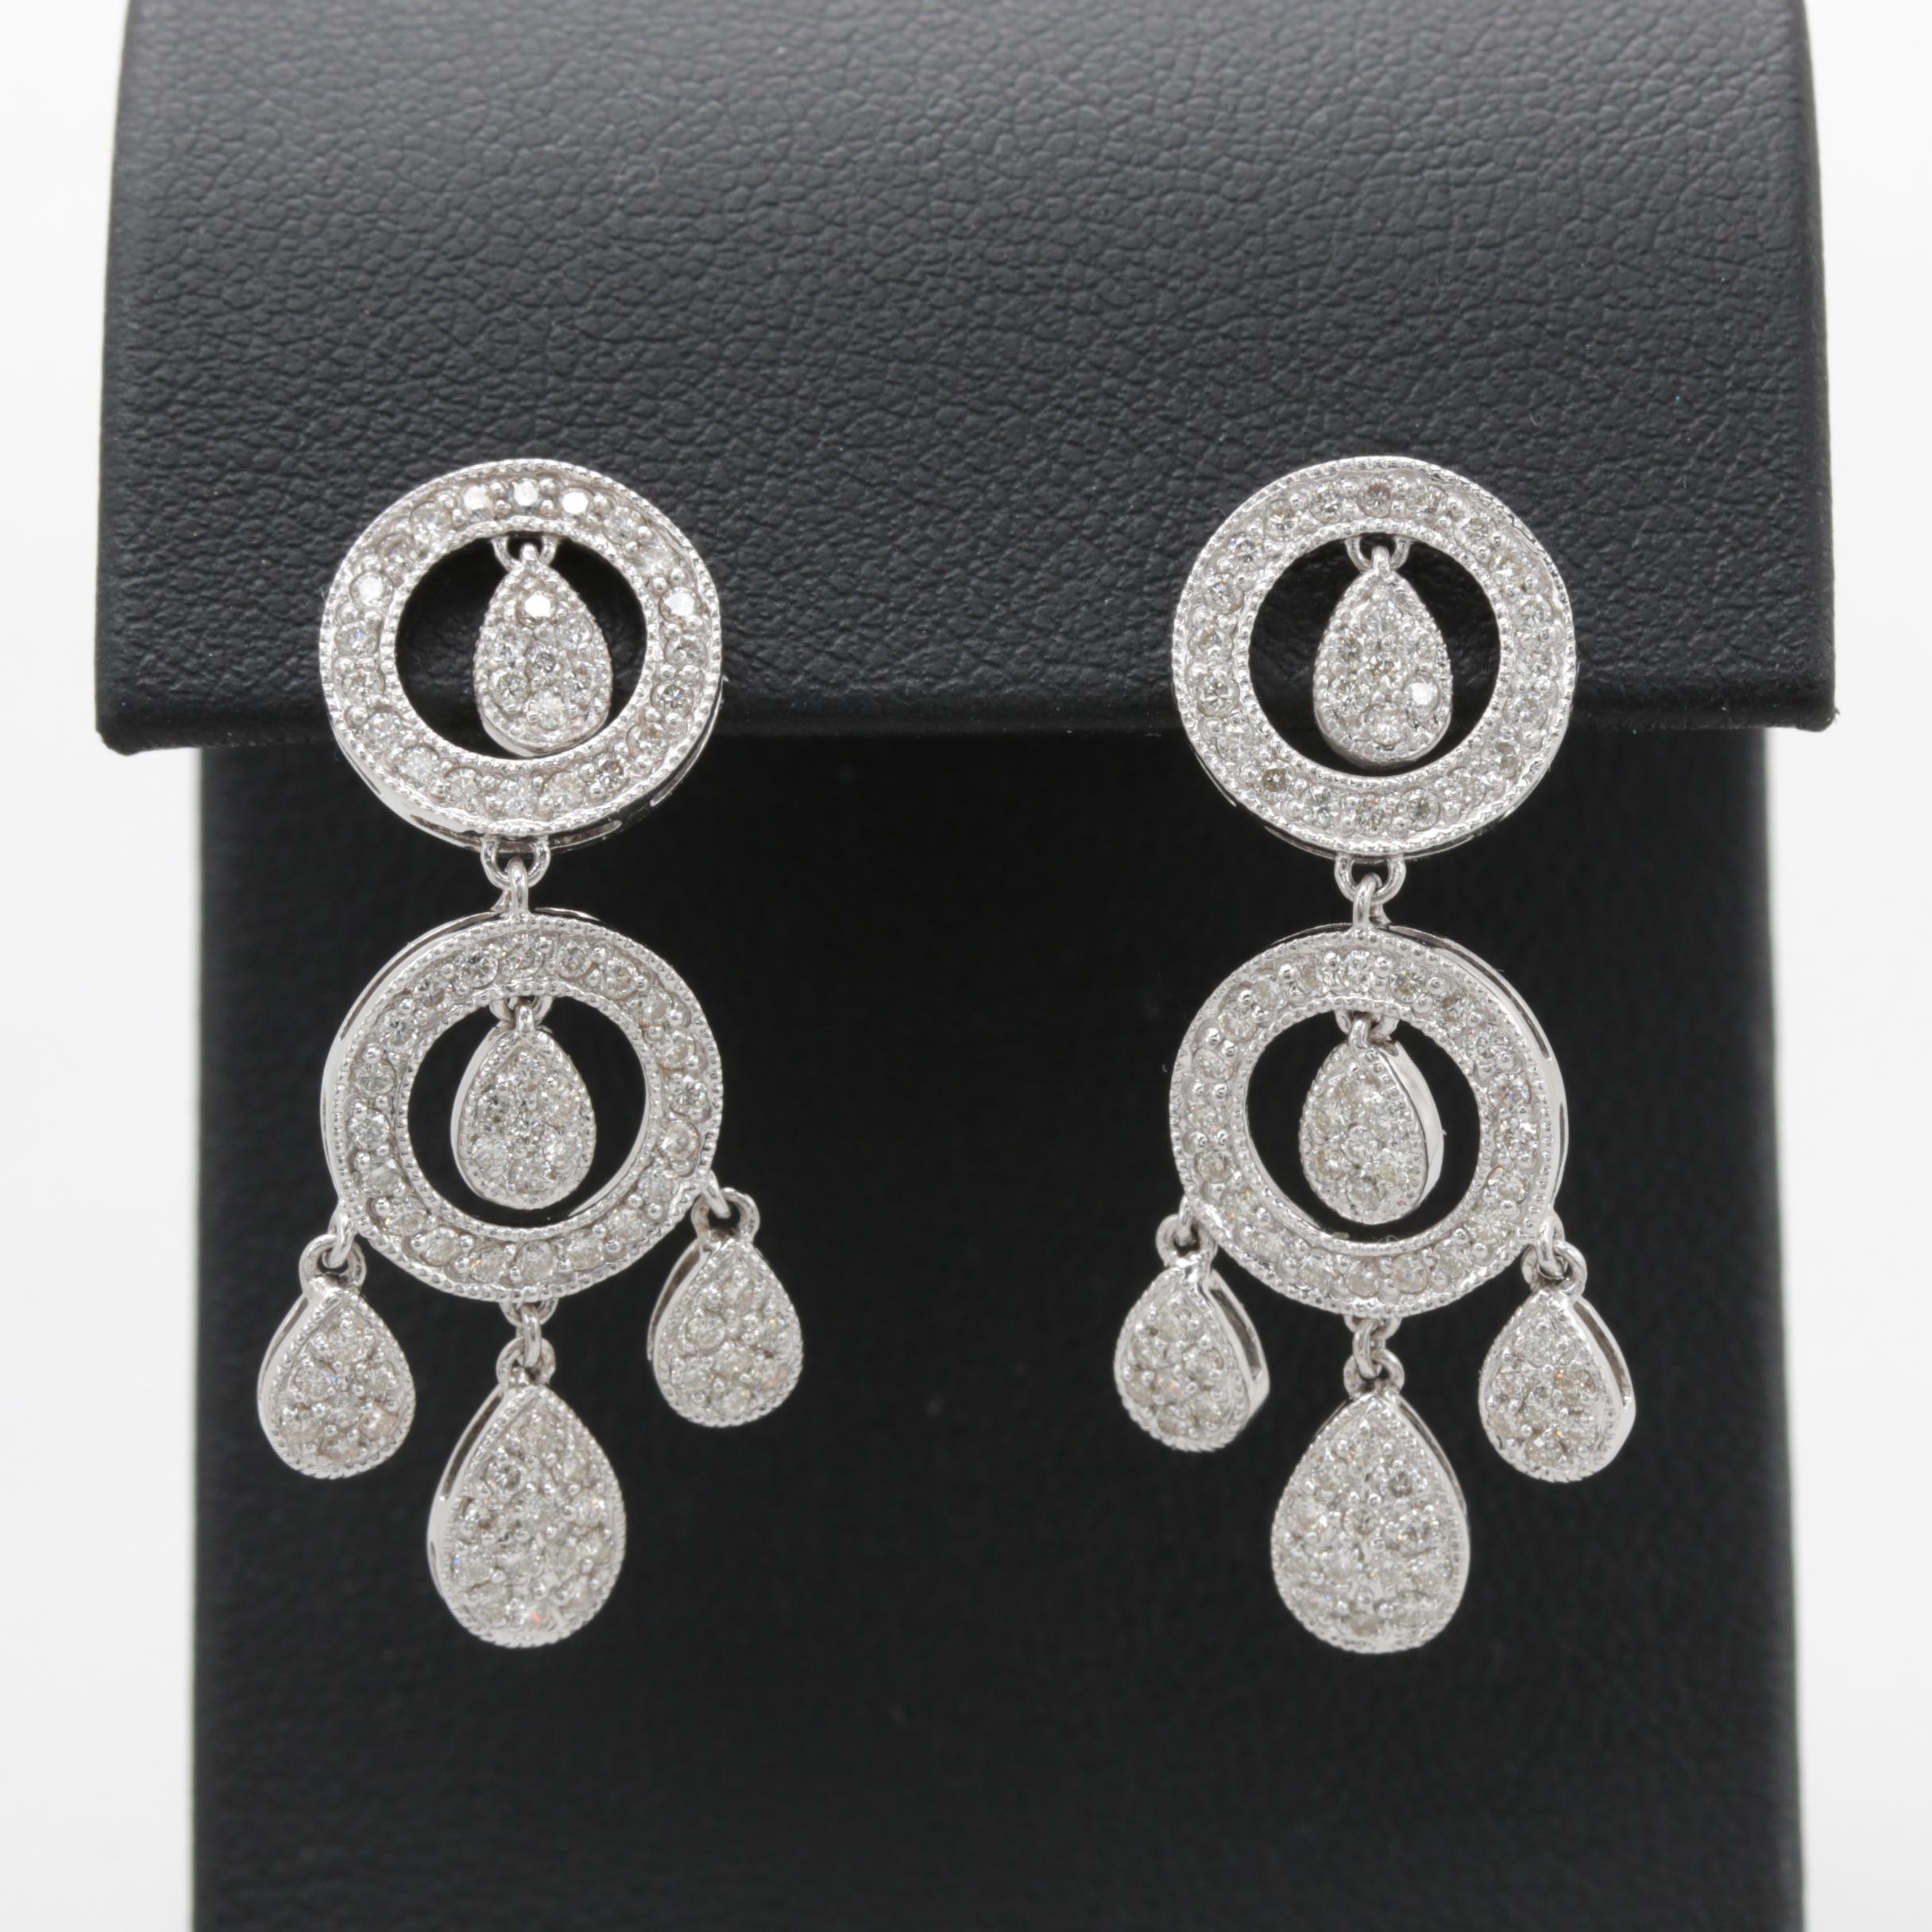 18K White Gold 1.07 CTW Diamond Earrings